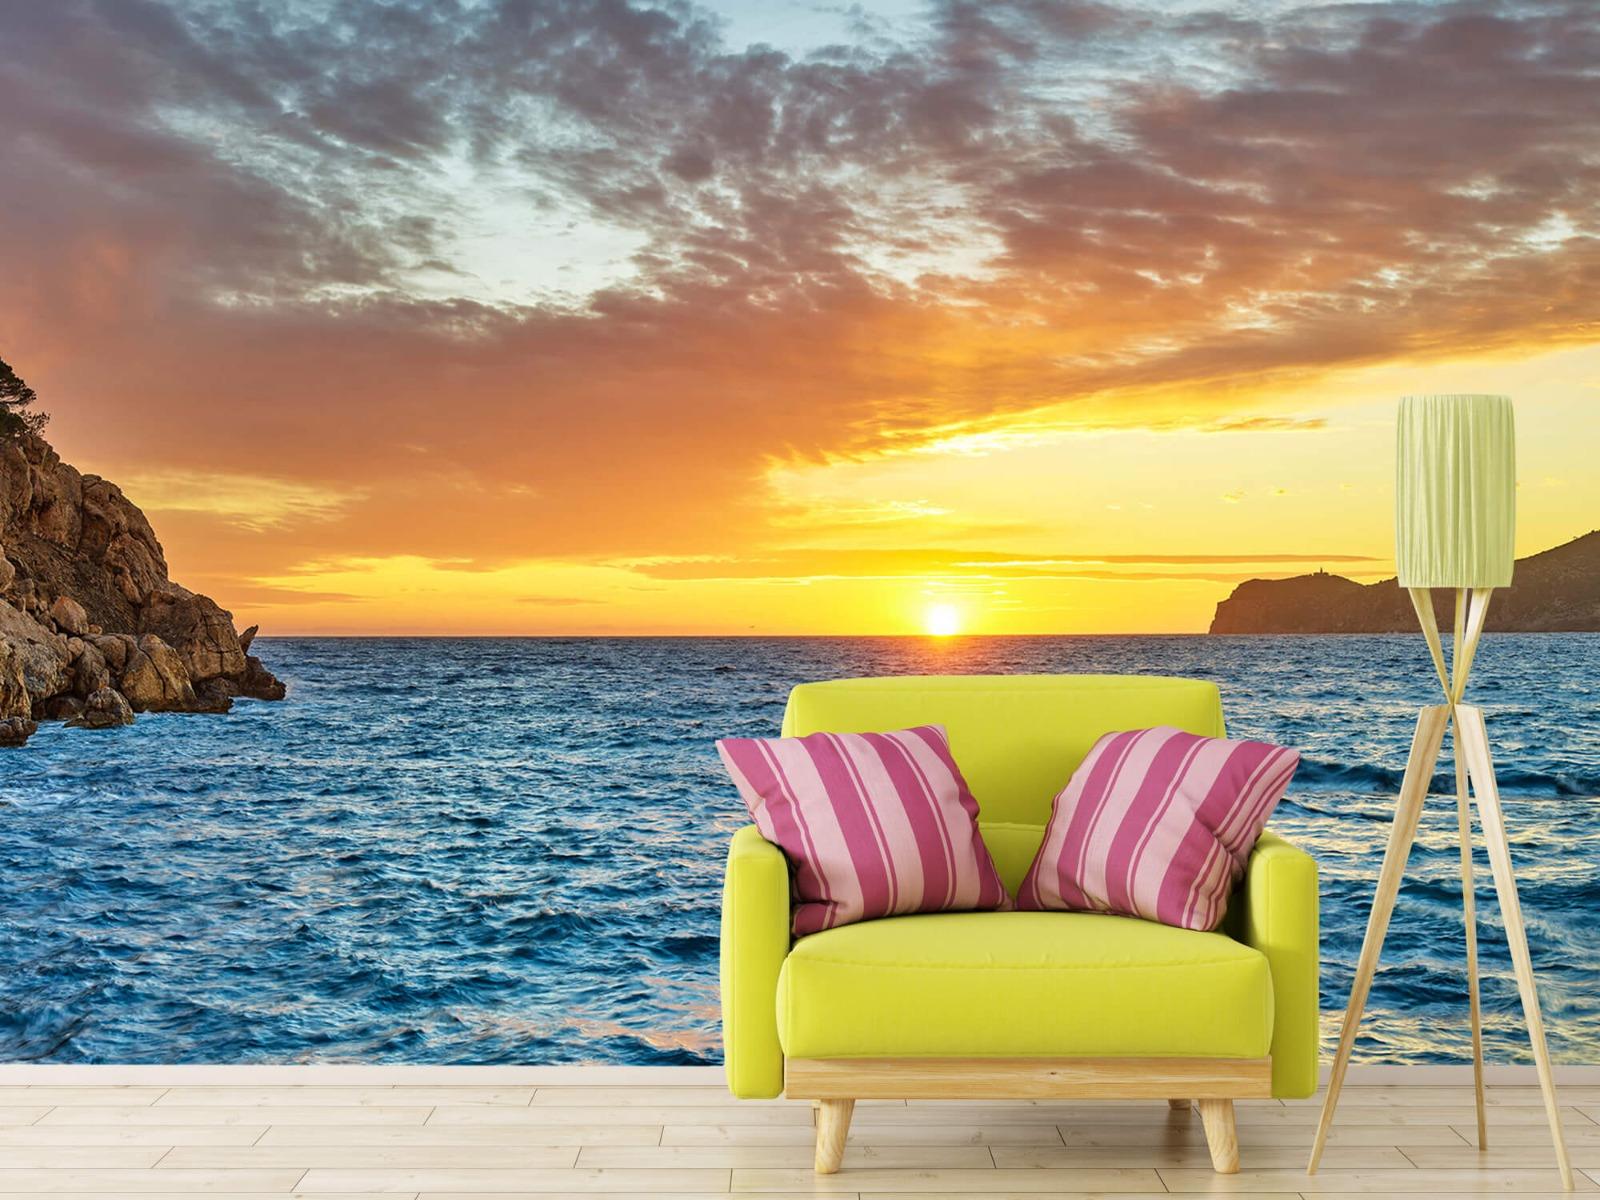 Zon - Zonsondergang op een eiland - Slaapkamer 17